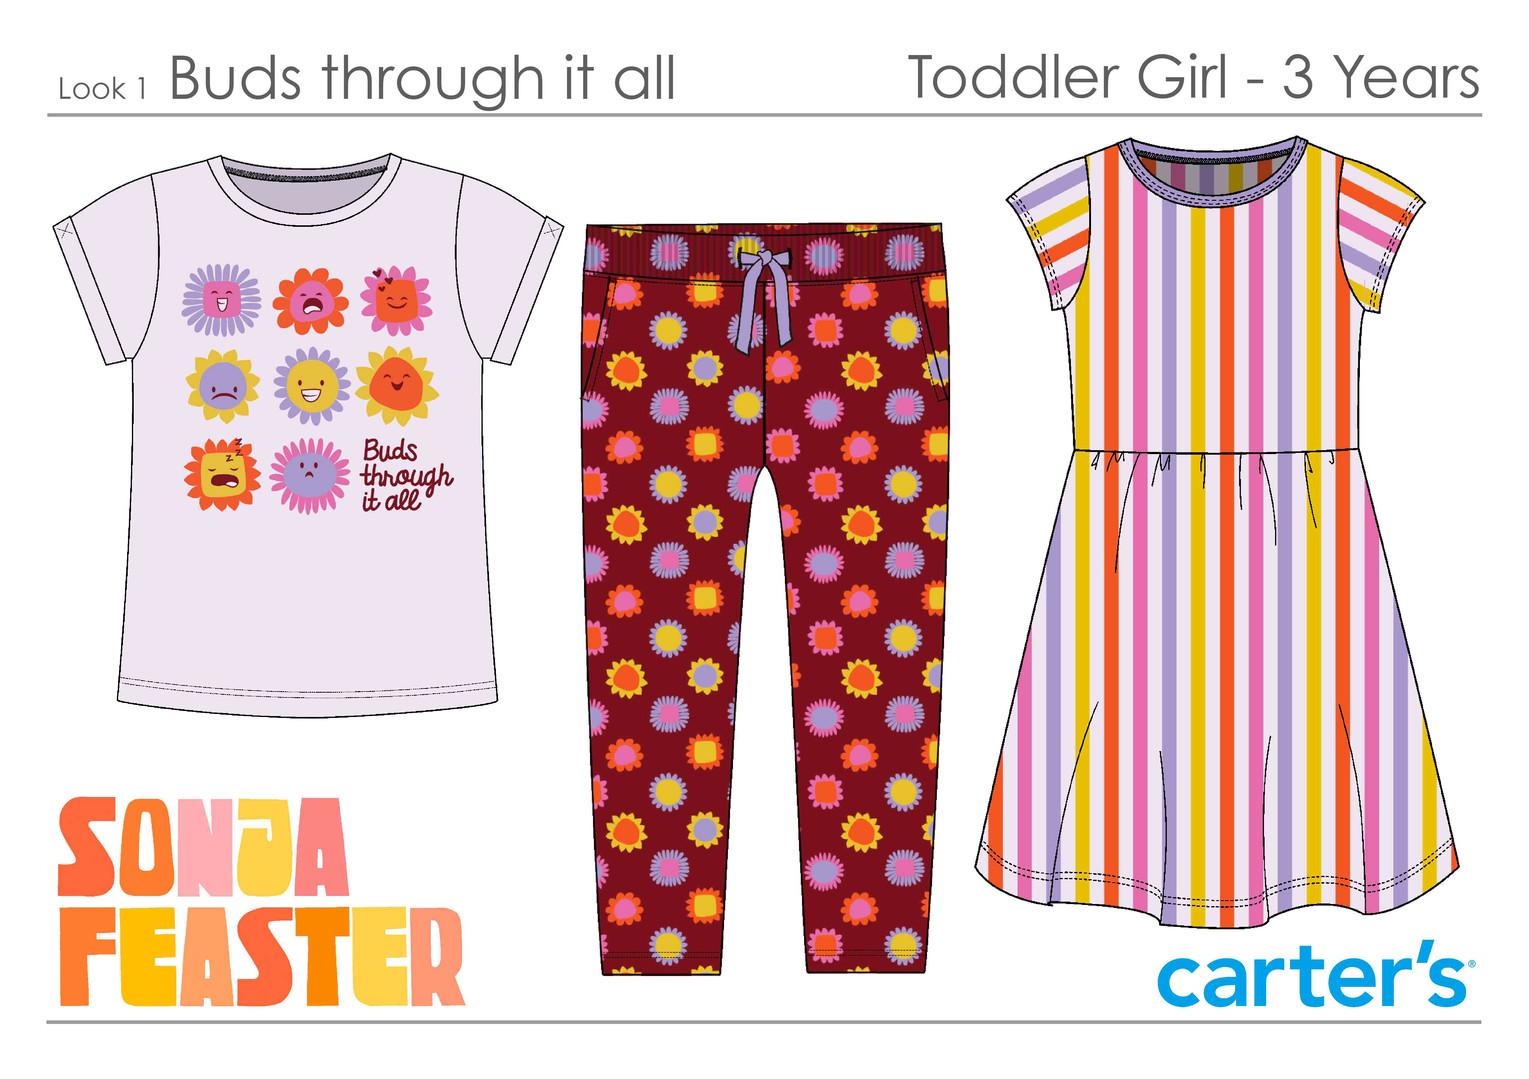 ToddlerGirlLook1.jpg